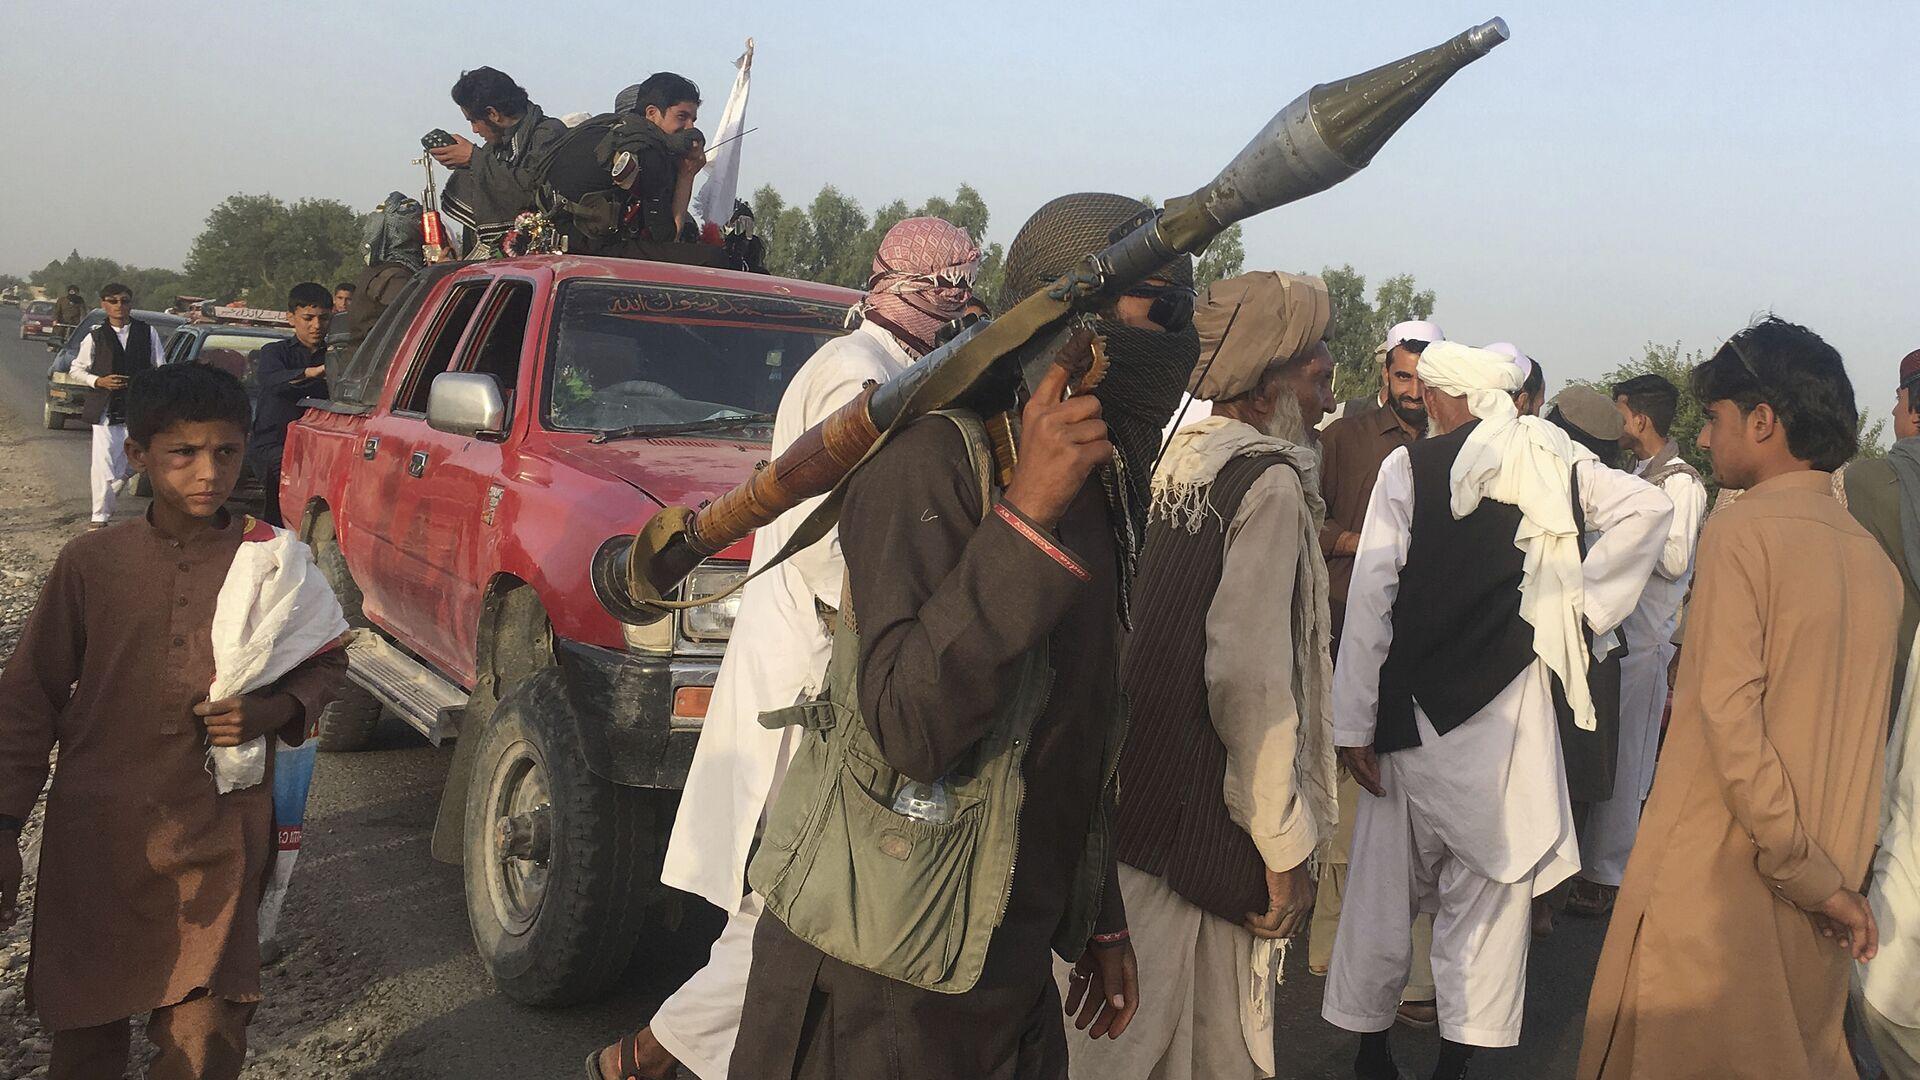 Боевики Талибан в провинции Нангархар на востоке Афганистана - Sputnik Таджикистан, 1920, 23.09.2021